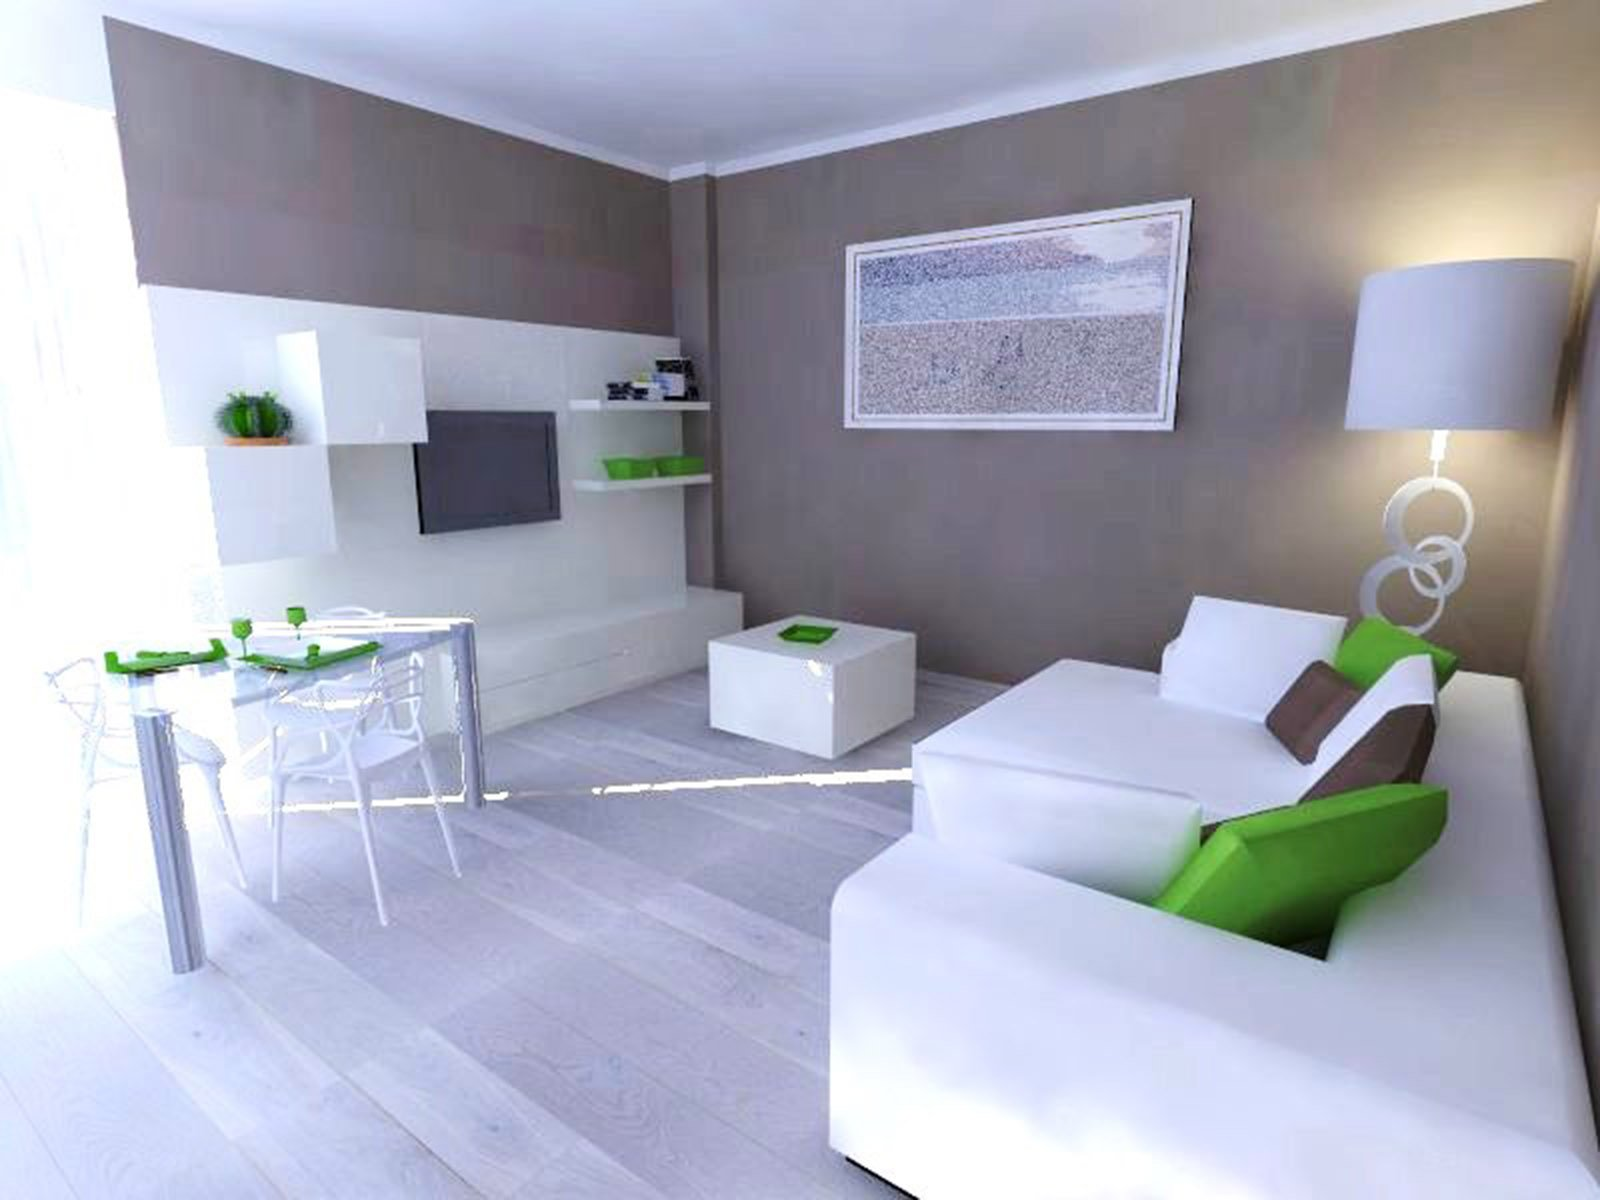 Un progetto per arredare il soggiorno conservando alcuni ...